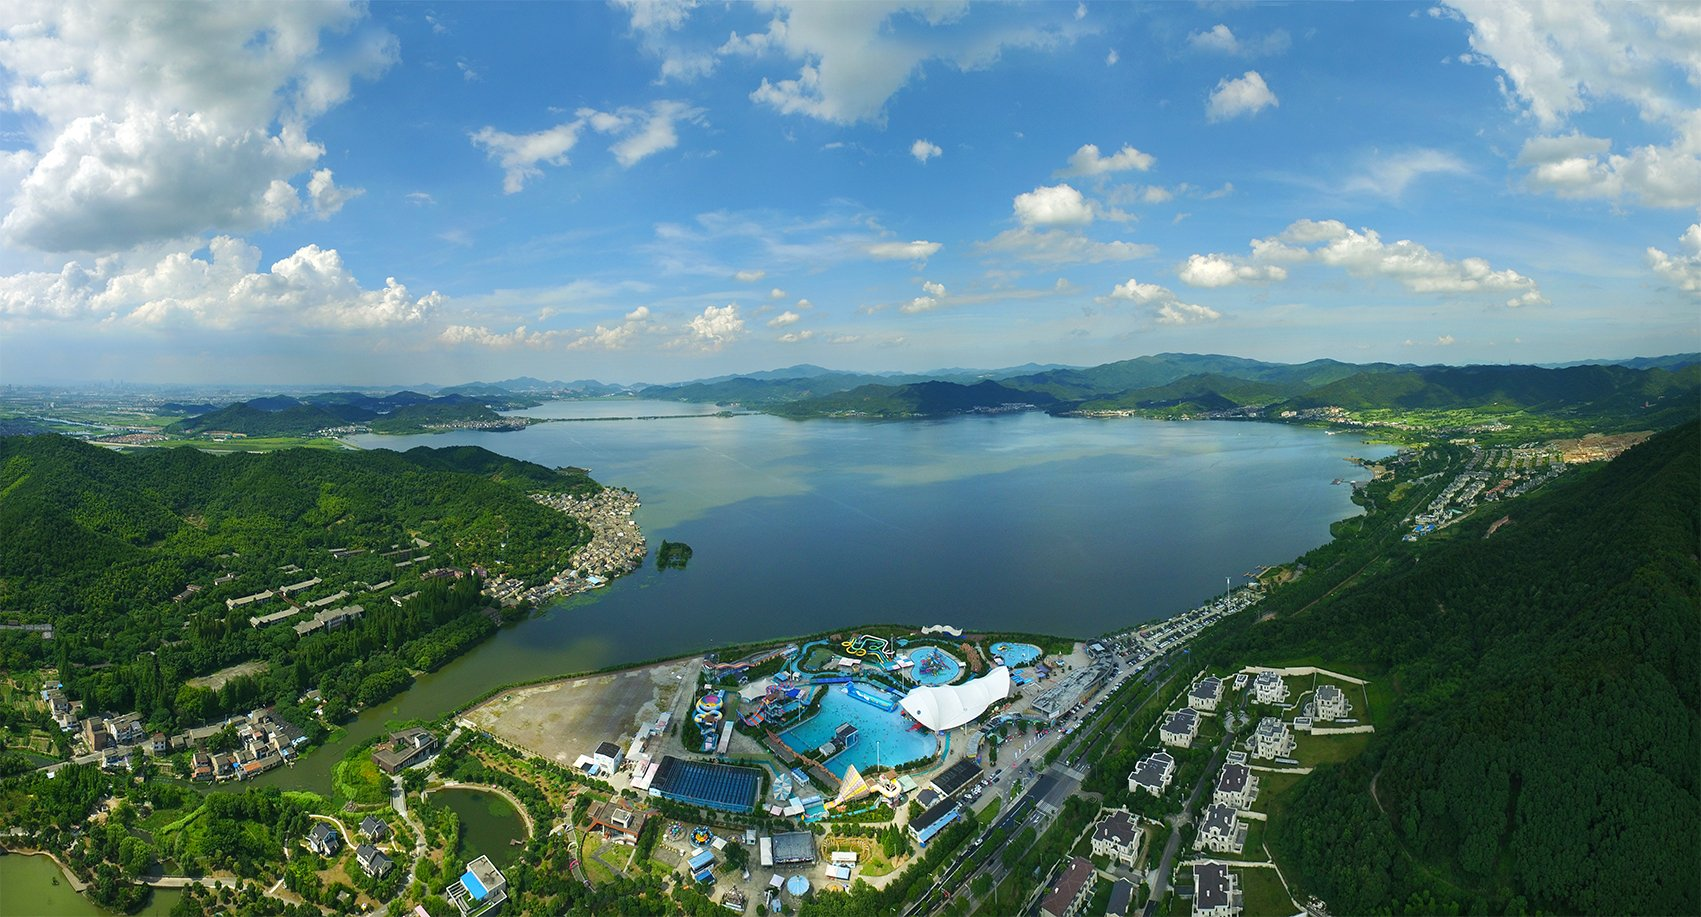 周末玩转浙江最大的淡水湖,宁波东钱湖!